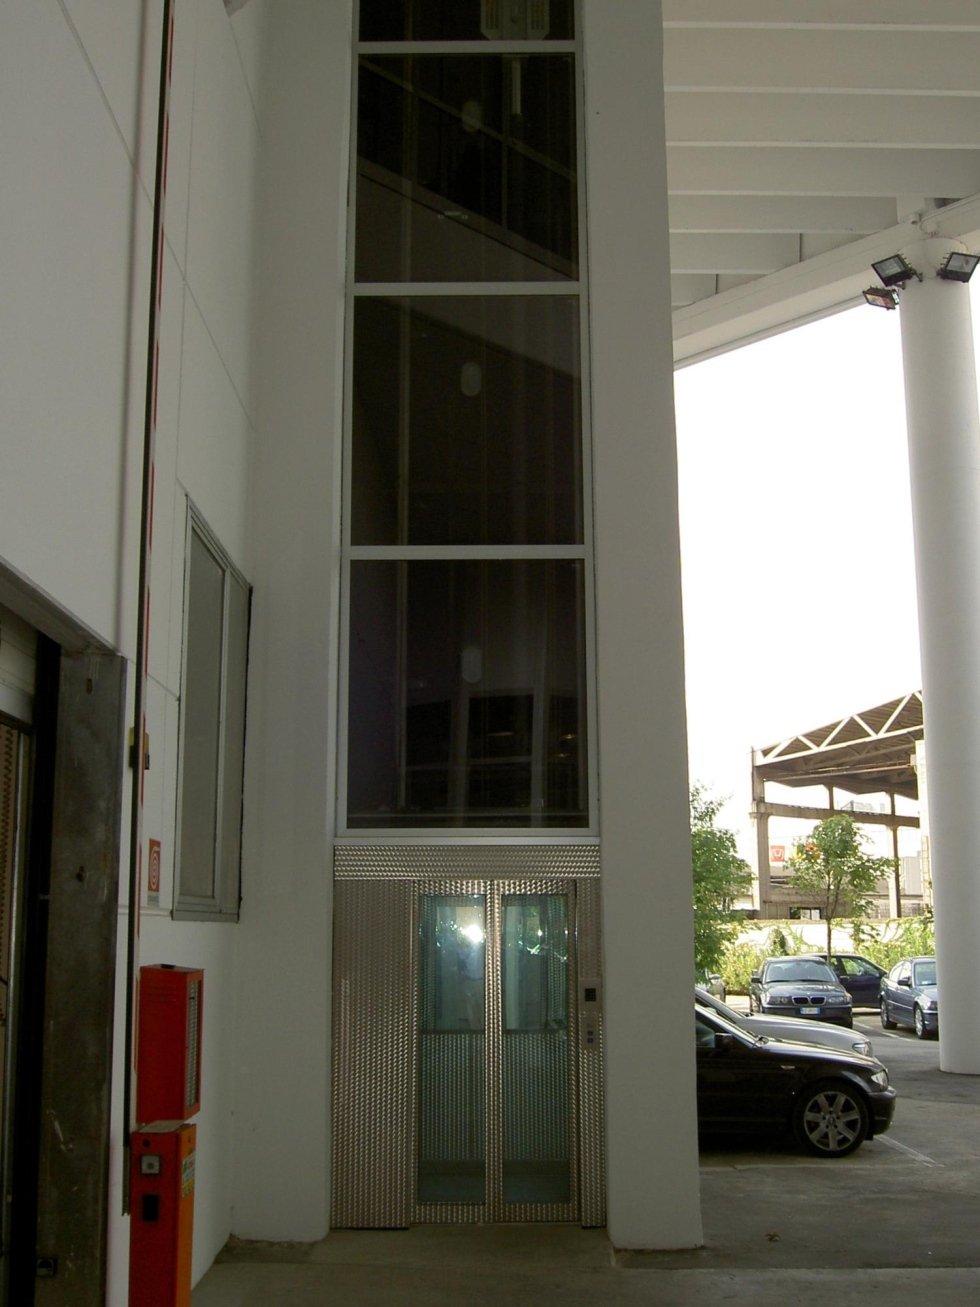 vista laterale di un edificio con ascensore e macchine parcheggiate